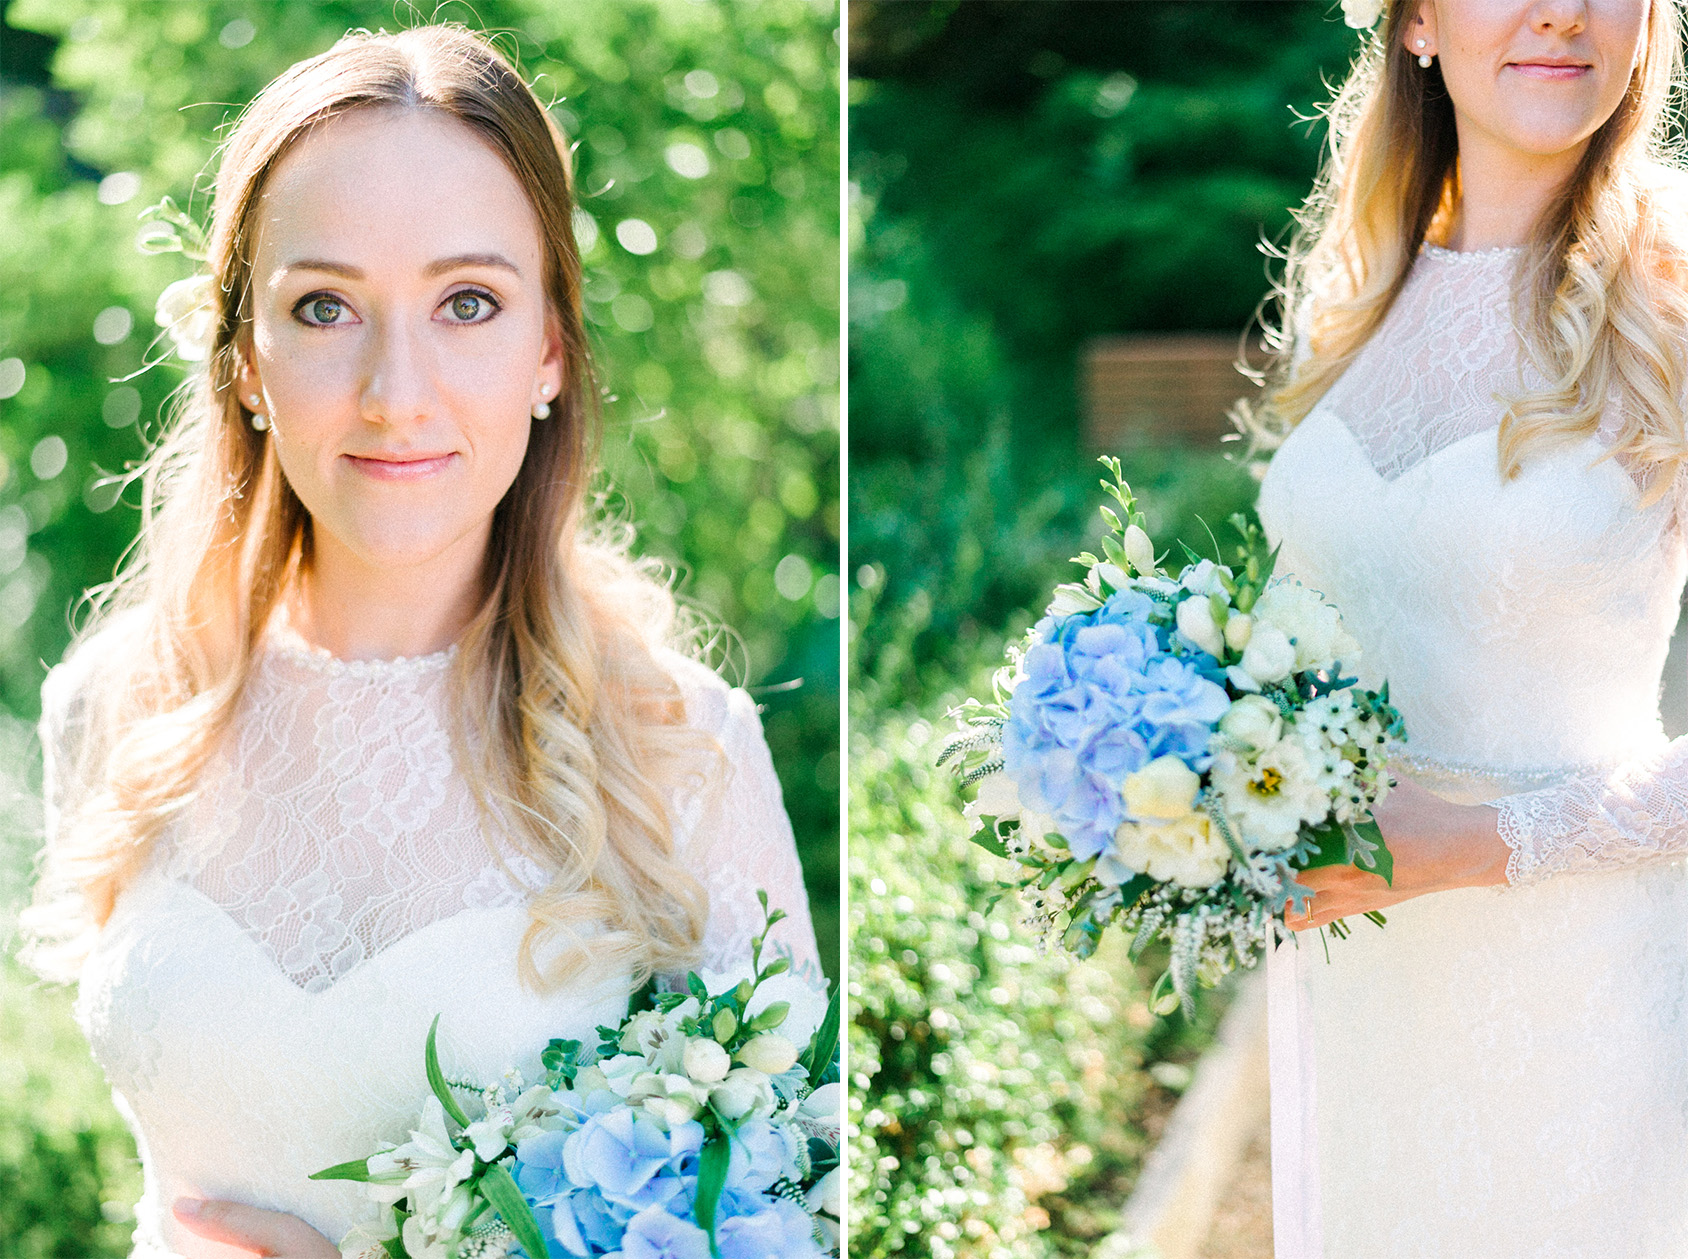 eskuvo-menyasszony-portre-csokor-reszlet-erzelmes-harmonikus-napfeny.jpg